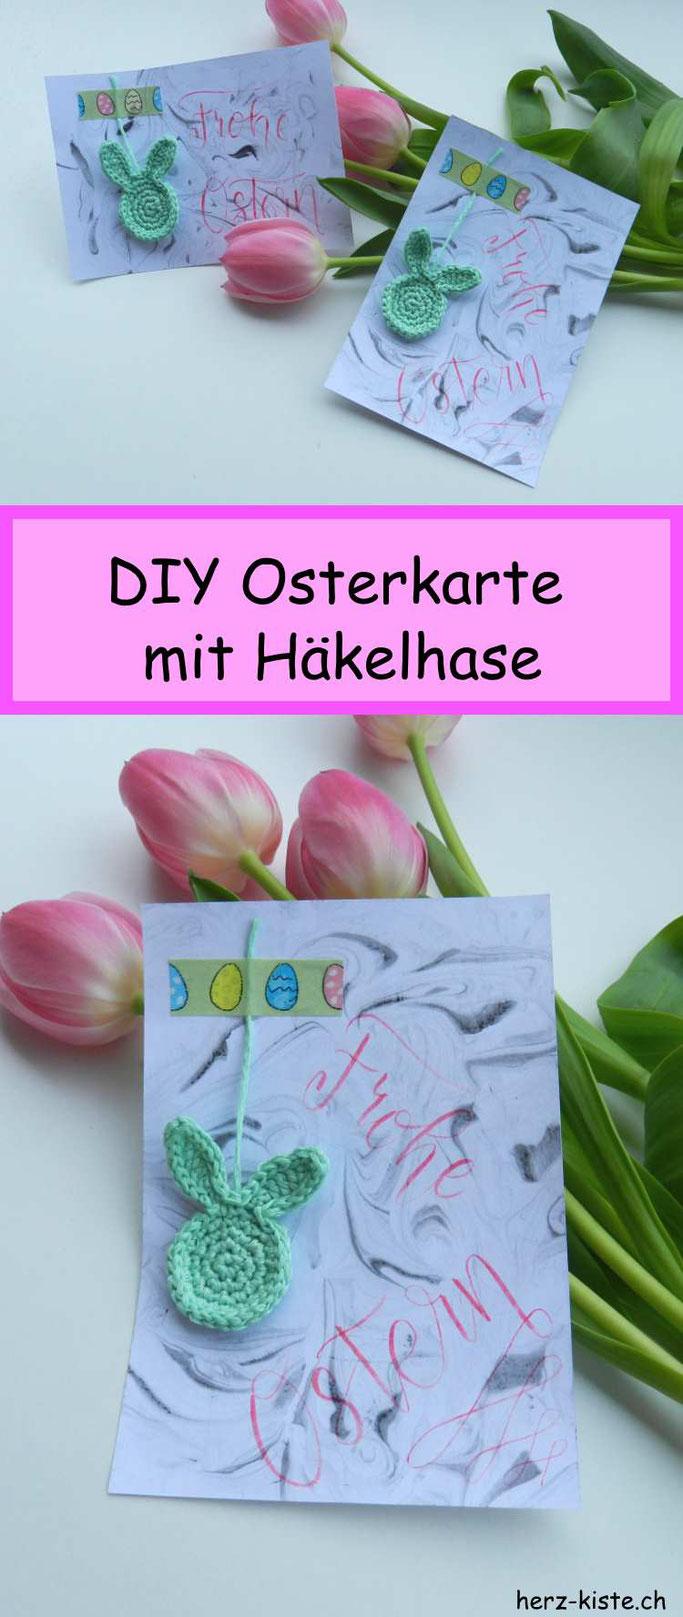 DIY Bastelidee zu Ostern: eine Osterkarte mit Marmorierhintergrund, Handlettering und einem Häkelhasen selber machen. So einfach geht Freude verschenken!